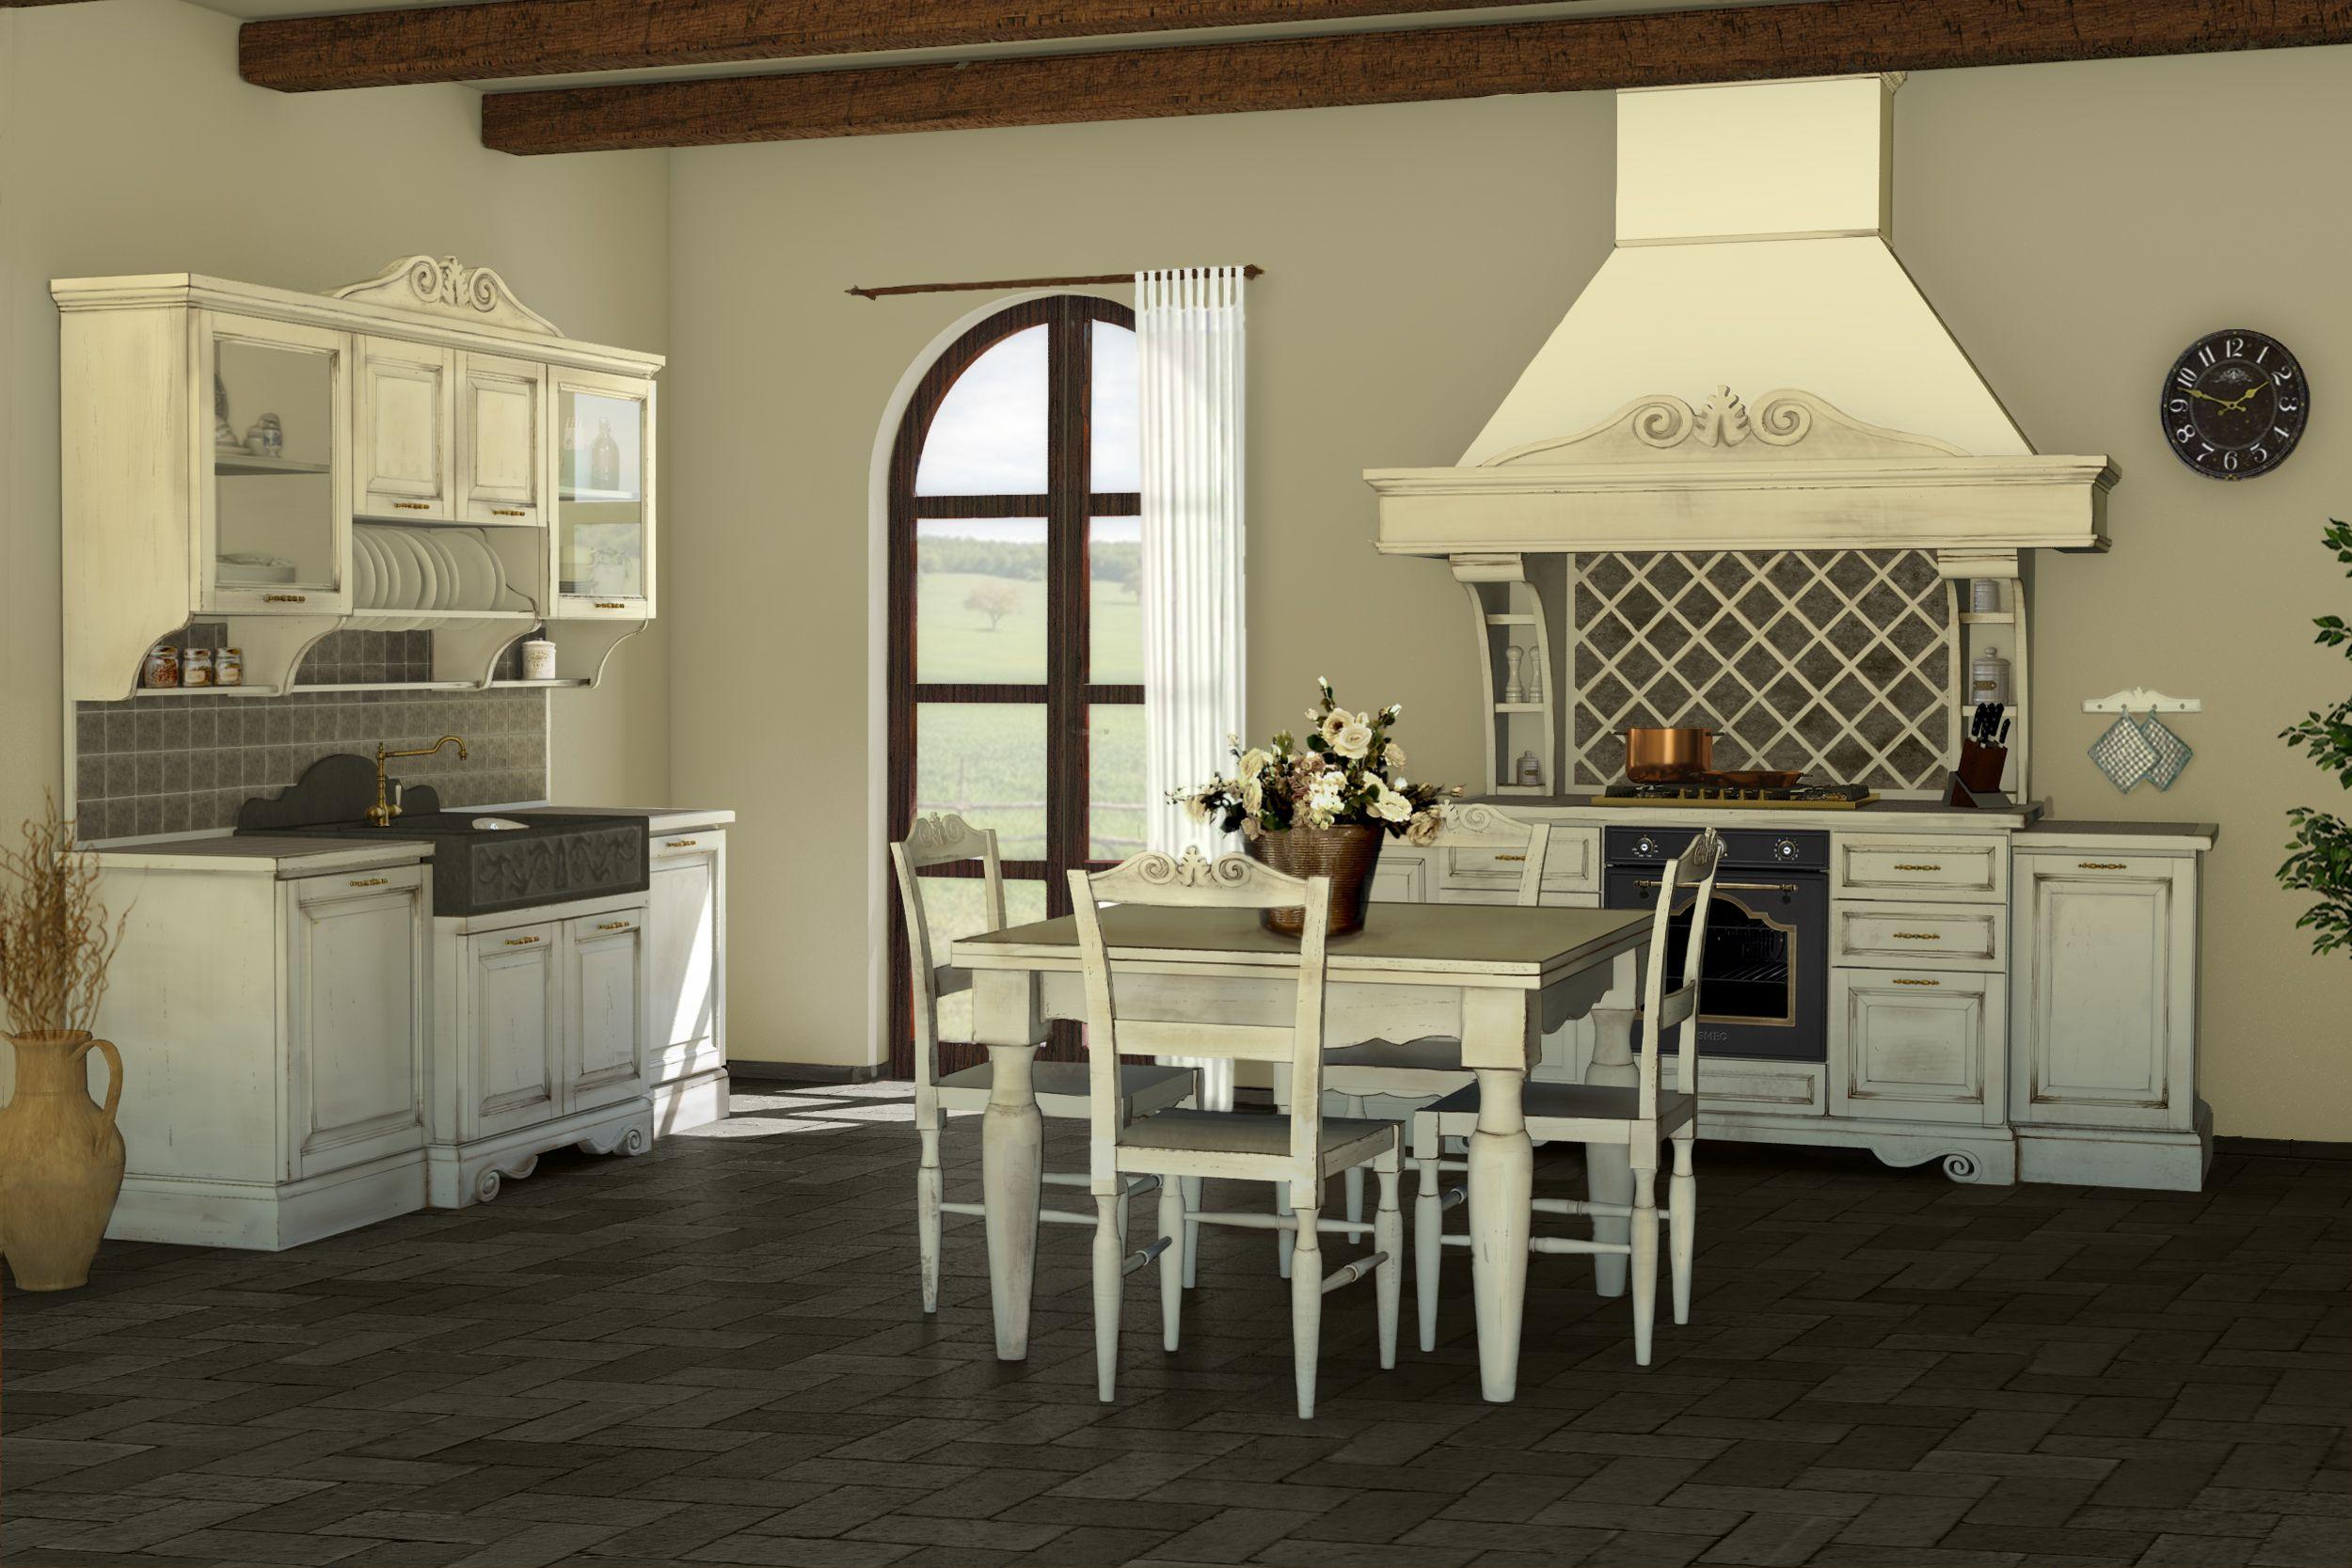 Blocco lavello blocco cucina tavolo e sedie intagliate - Blocco lavello cucina ...